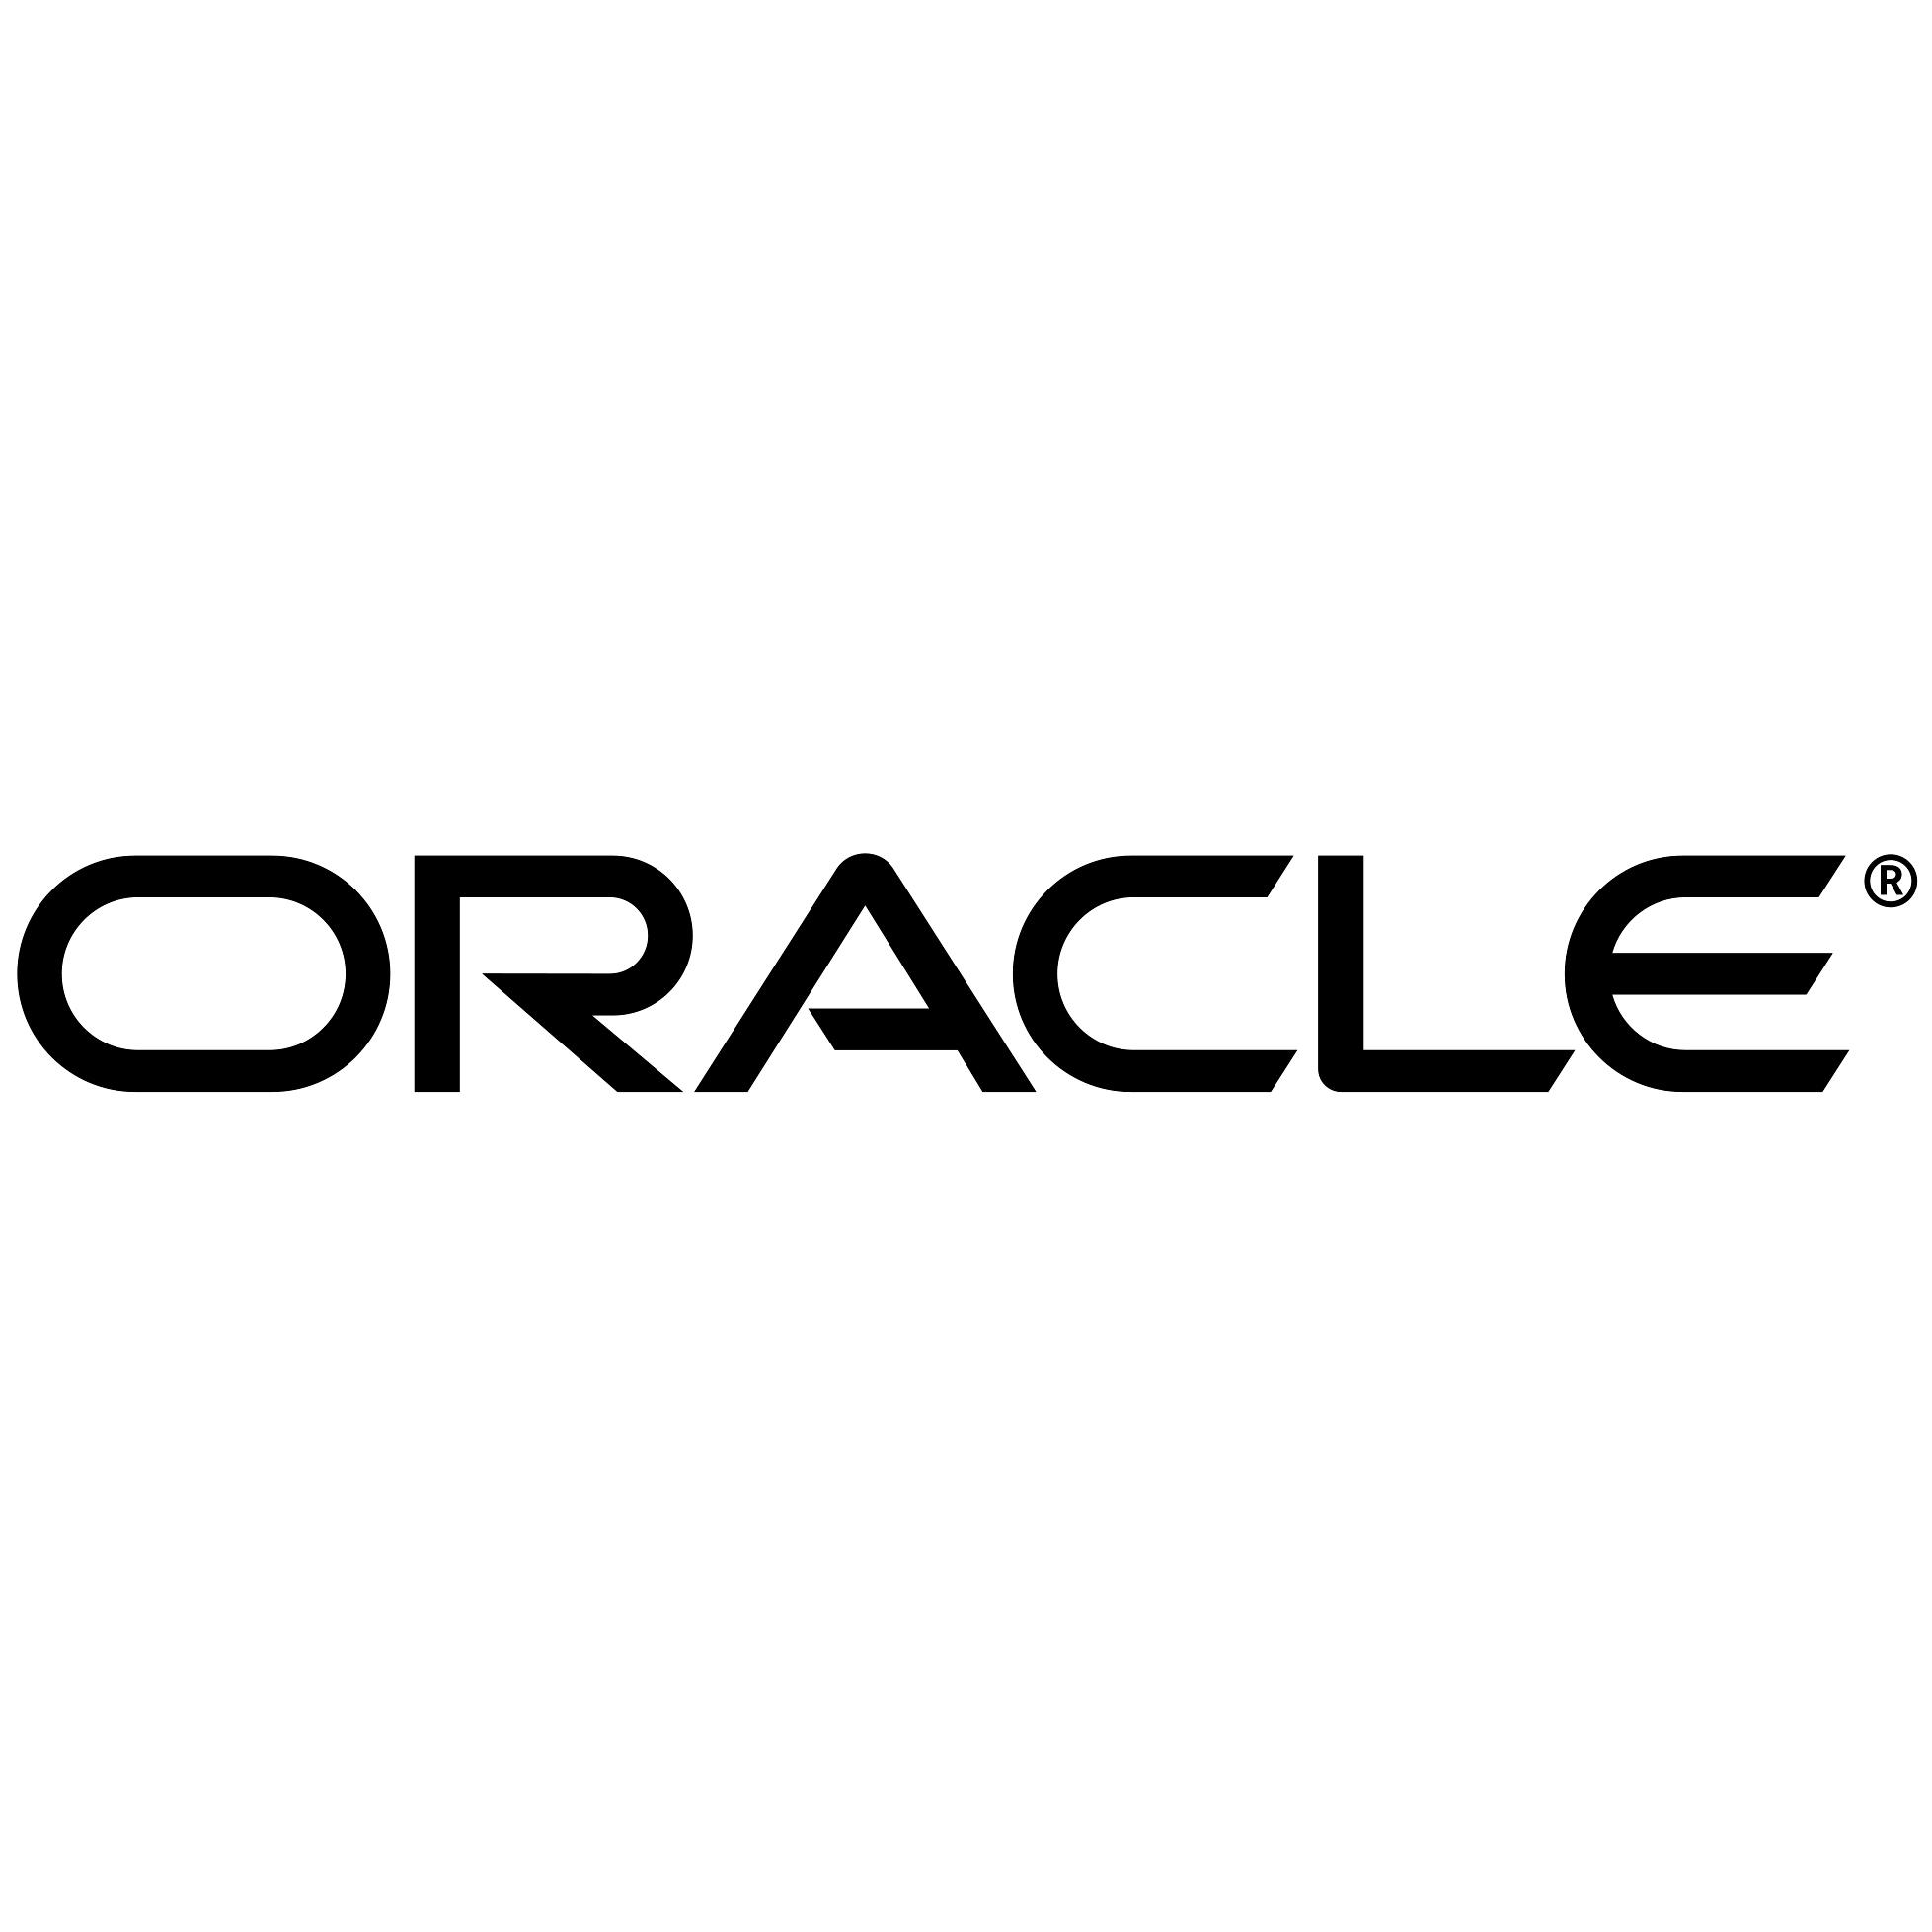 oracle-logo.jpg